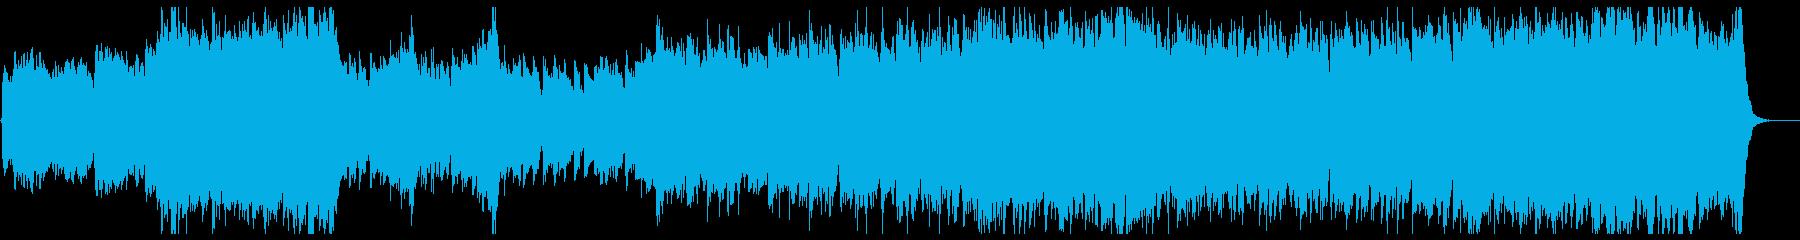 和風日本風・壮大なファンファーレ&行進曲の再生済みの波形